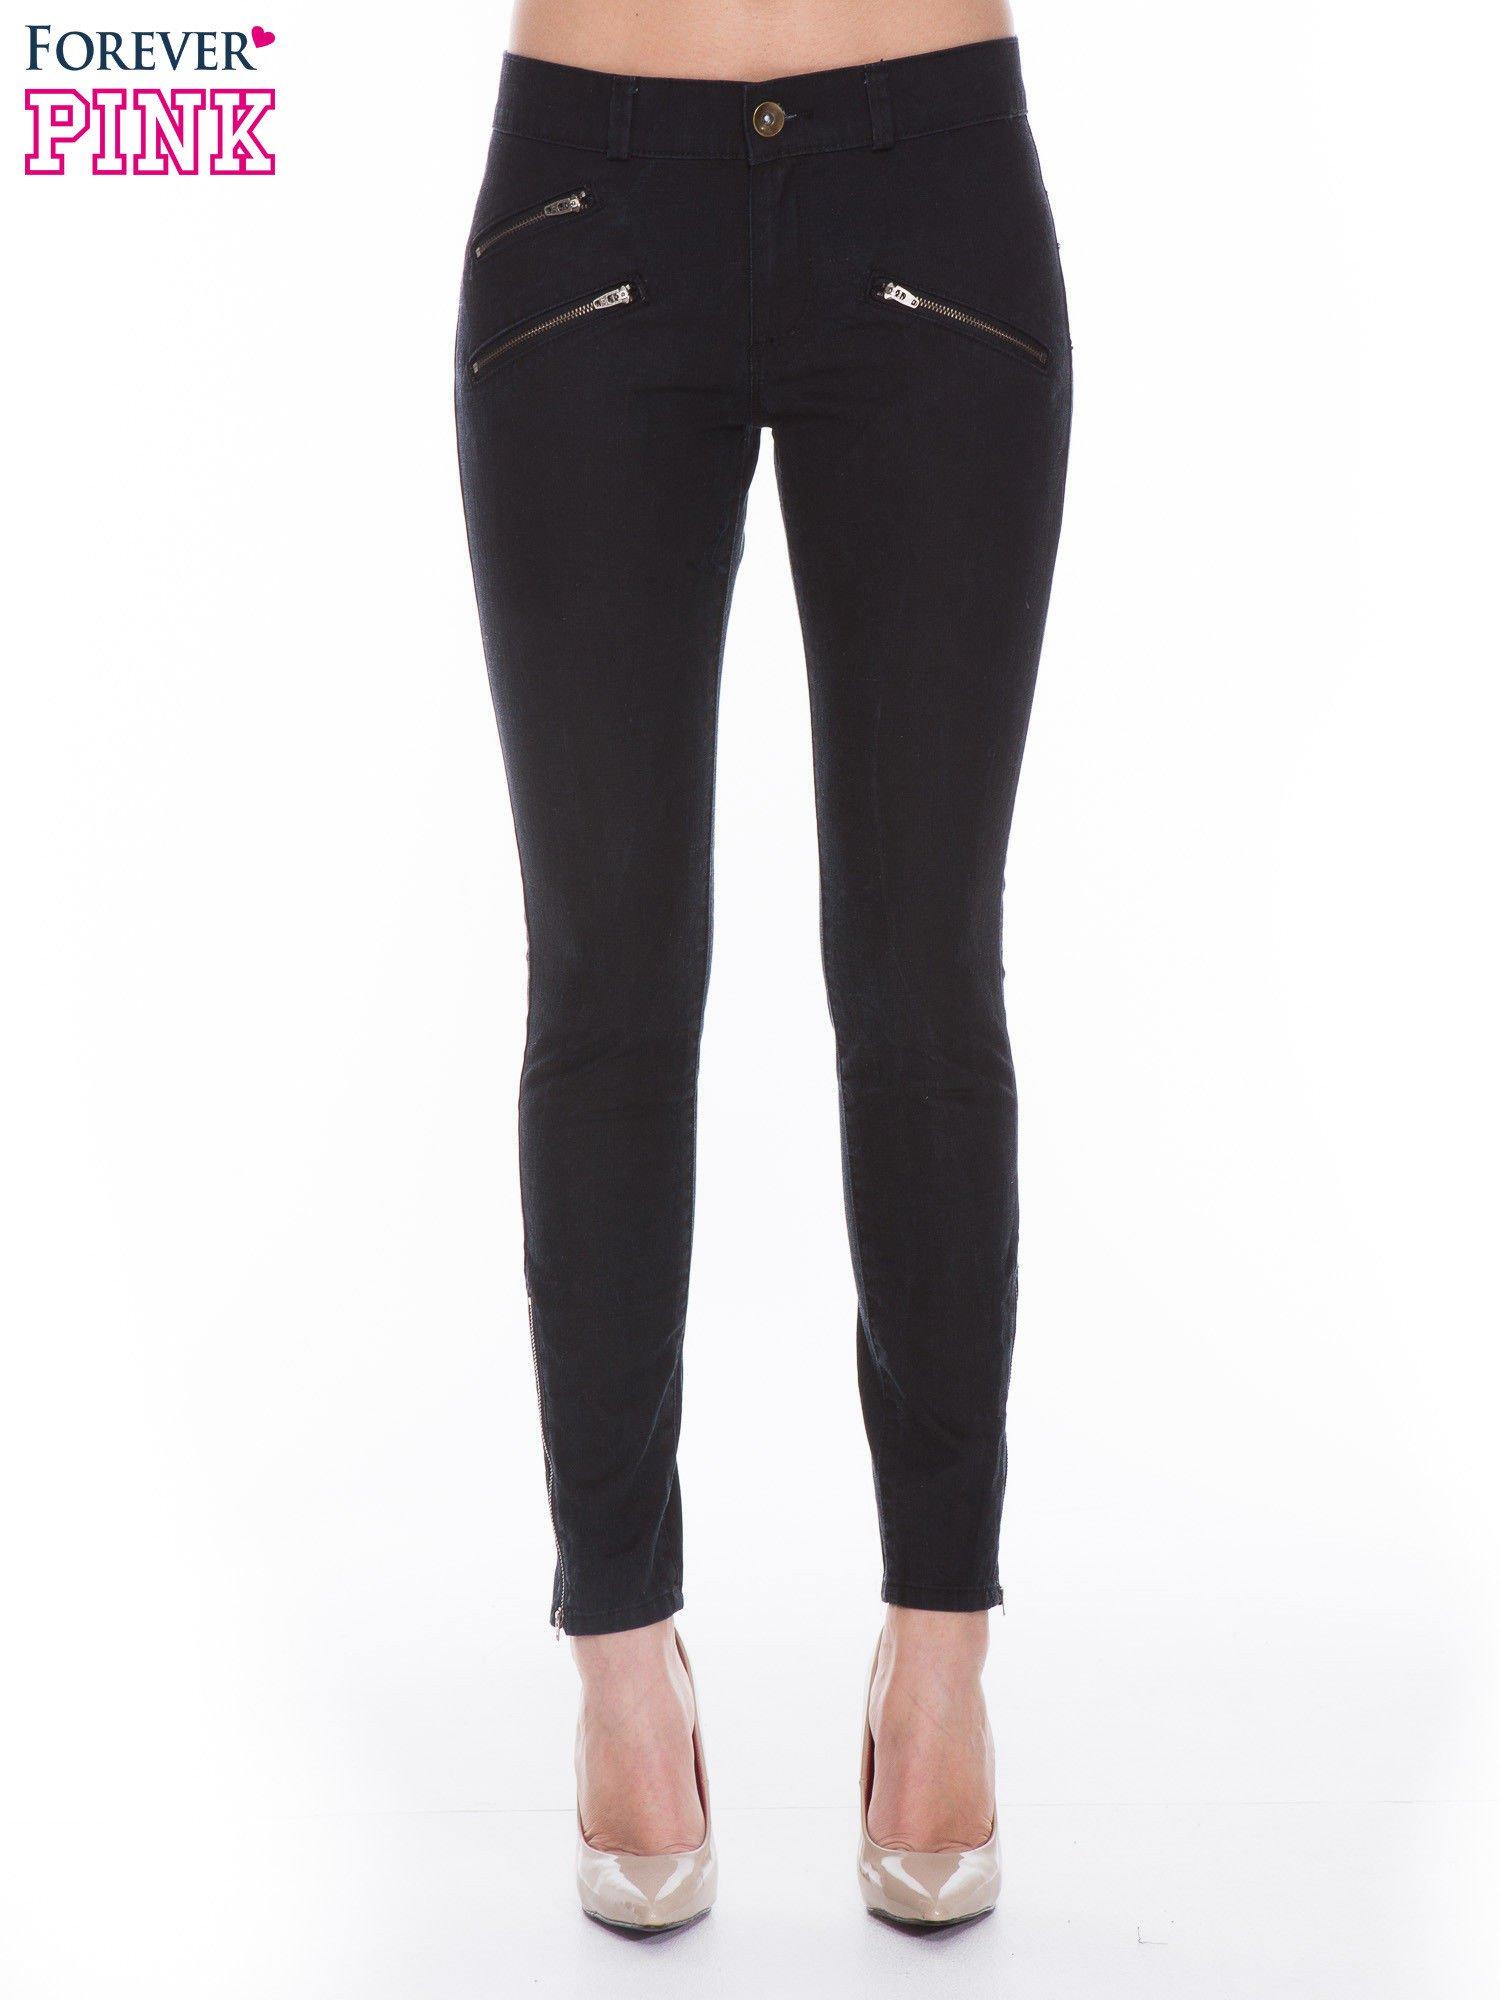 Czarne spodnie jeansowe typu skinny z suwakami na górze i przy nogawkach                                  zdj.                                  1